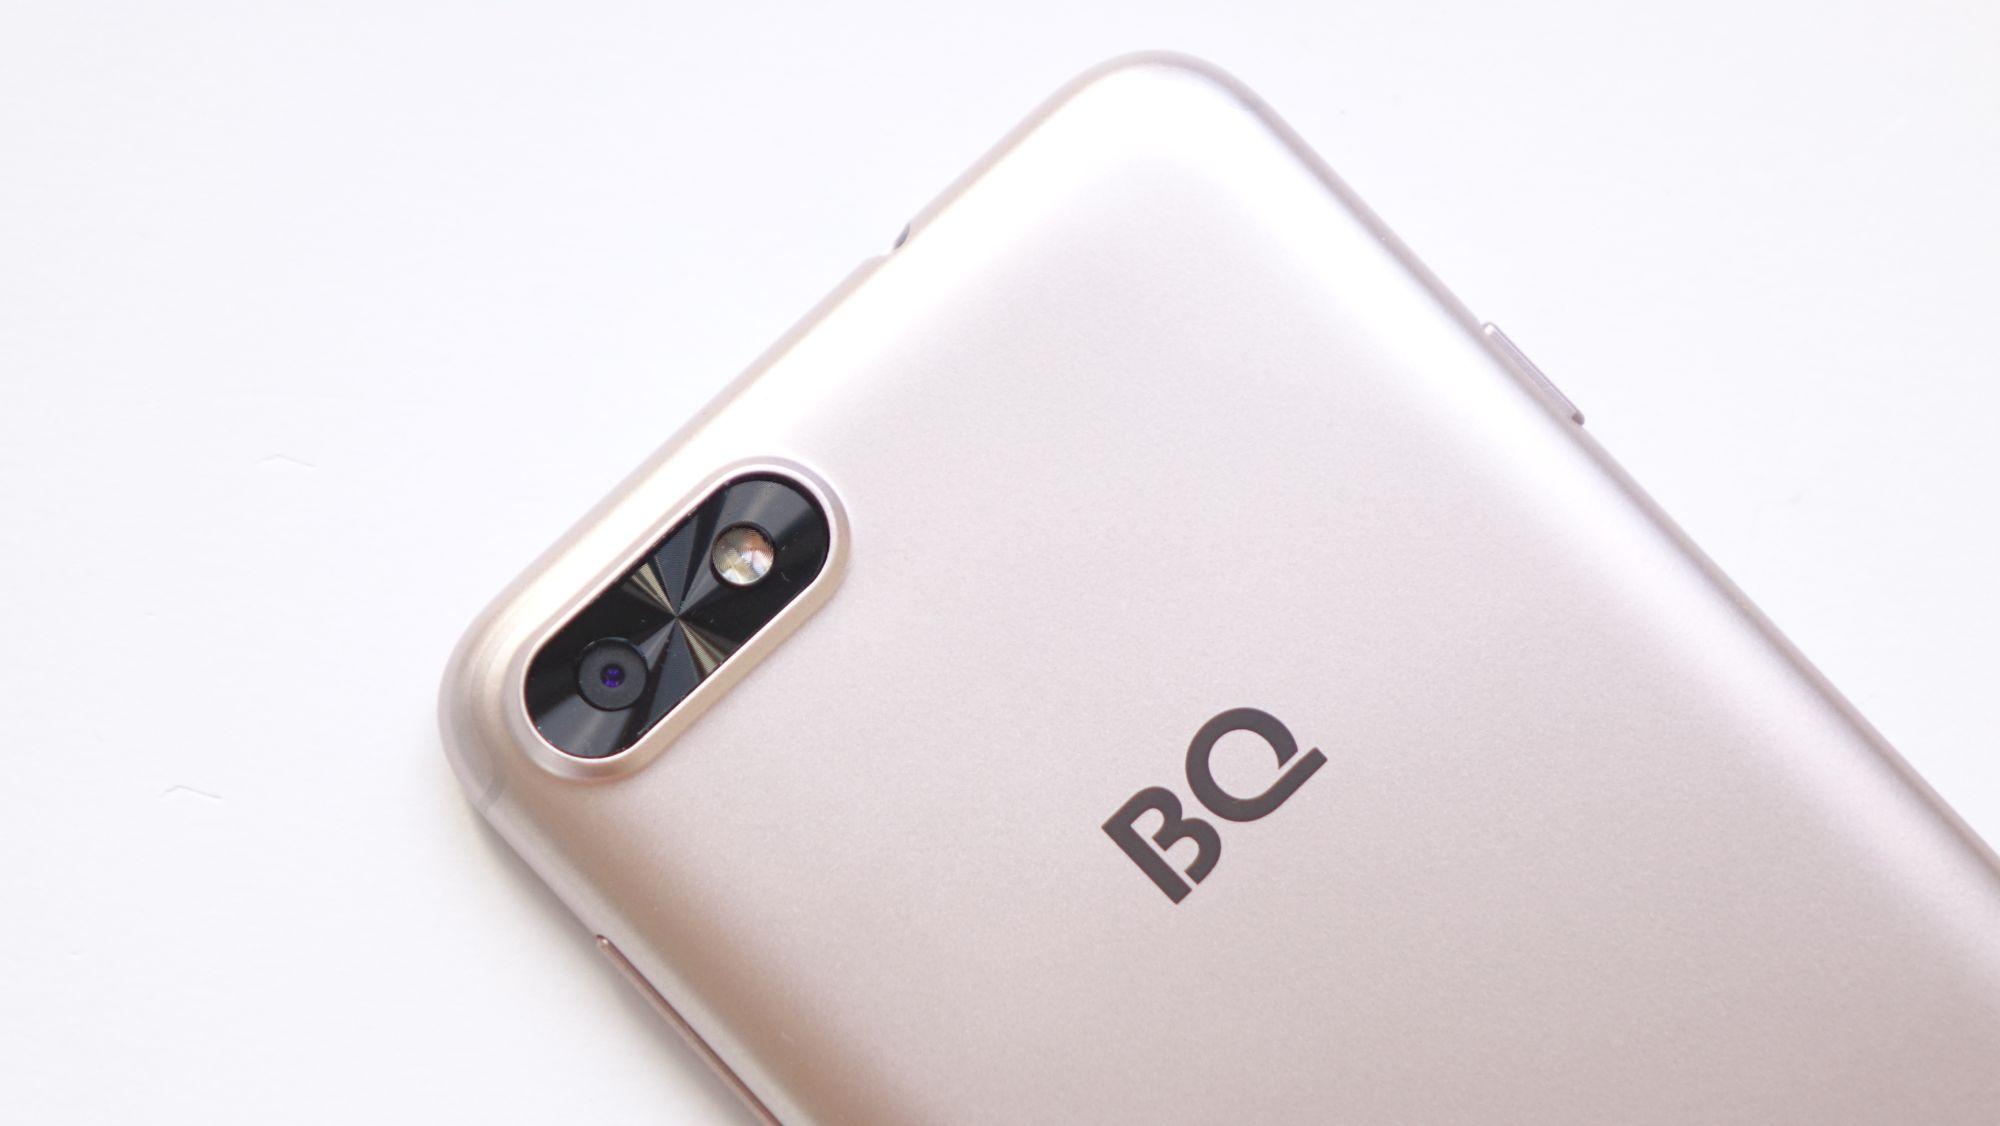 BQ Slim камера